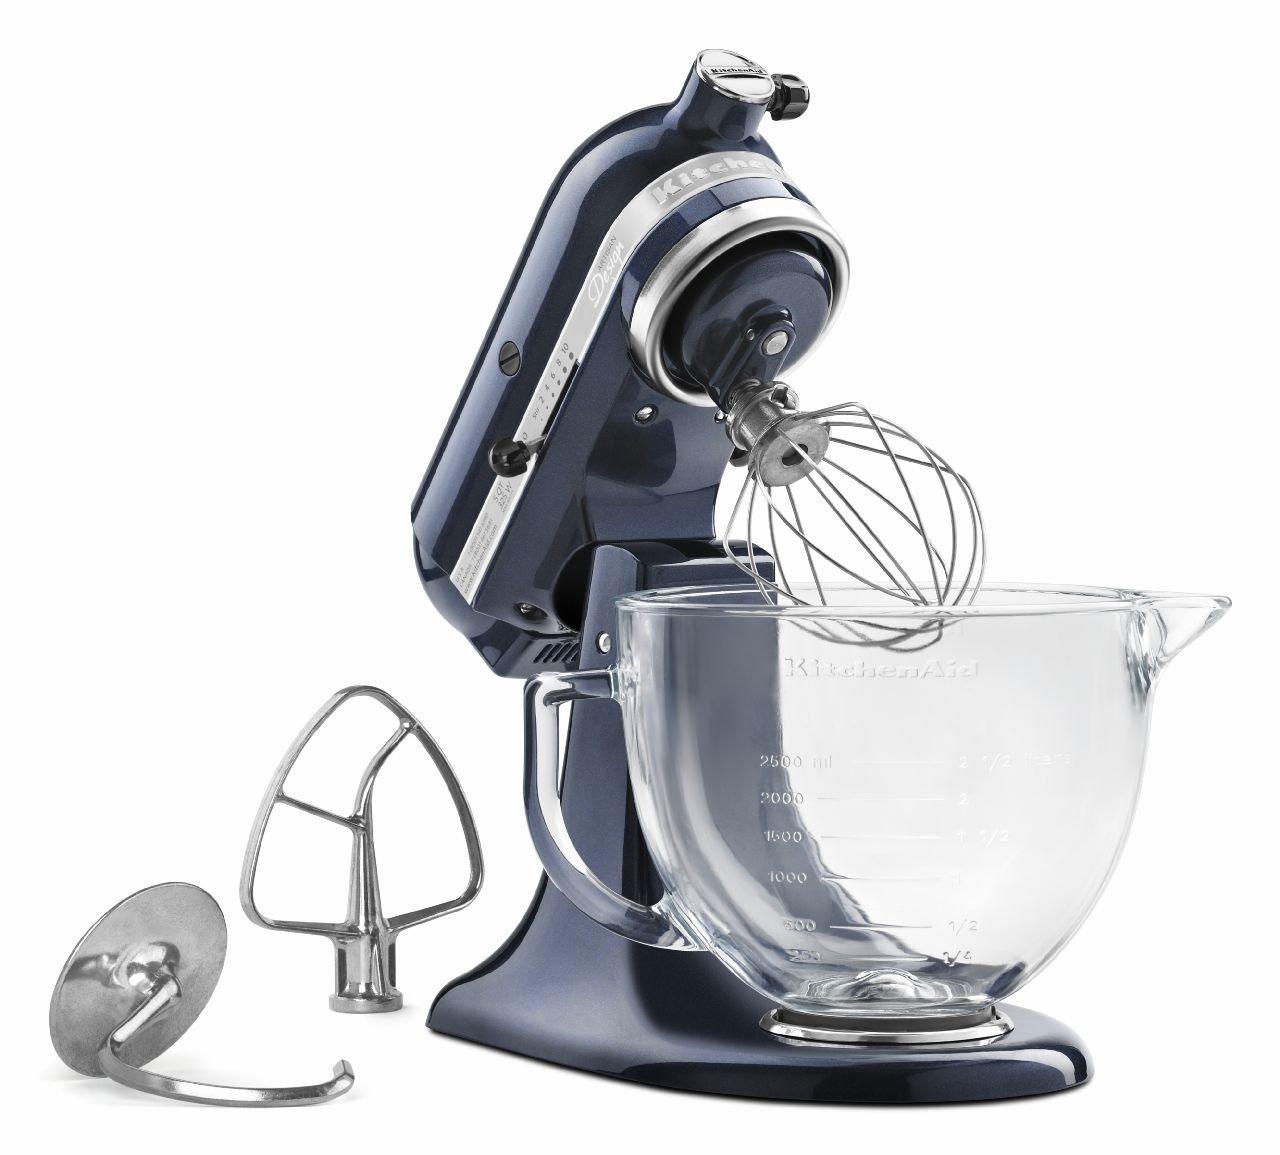 Kitchenaid Mixer Artisan 5 Quart Capacity Glass Bowl Mixer Blueberry